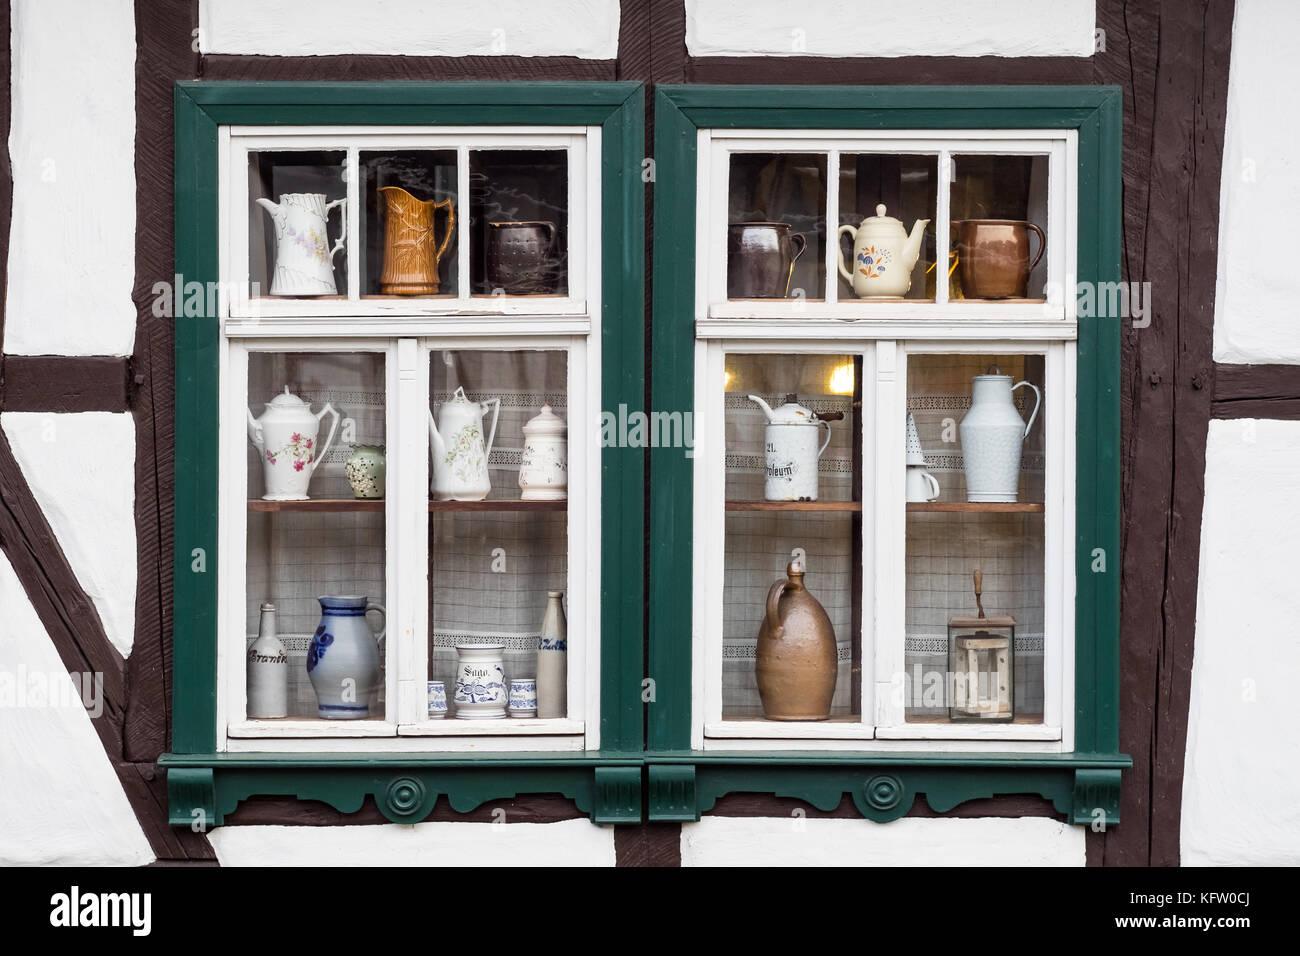 Fenster dekoriert mit Kaffee Kannen Stock Photo